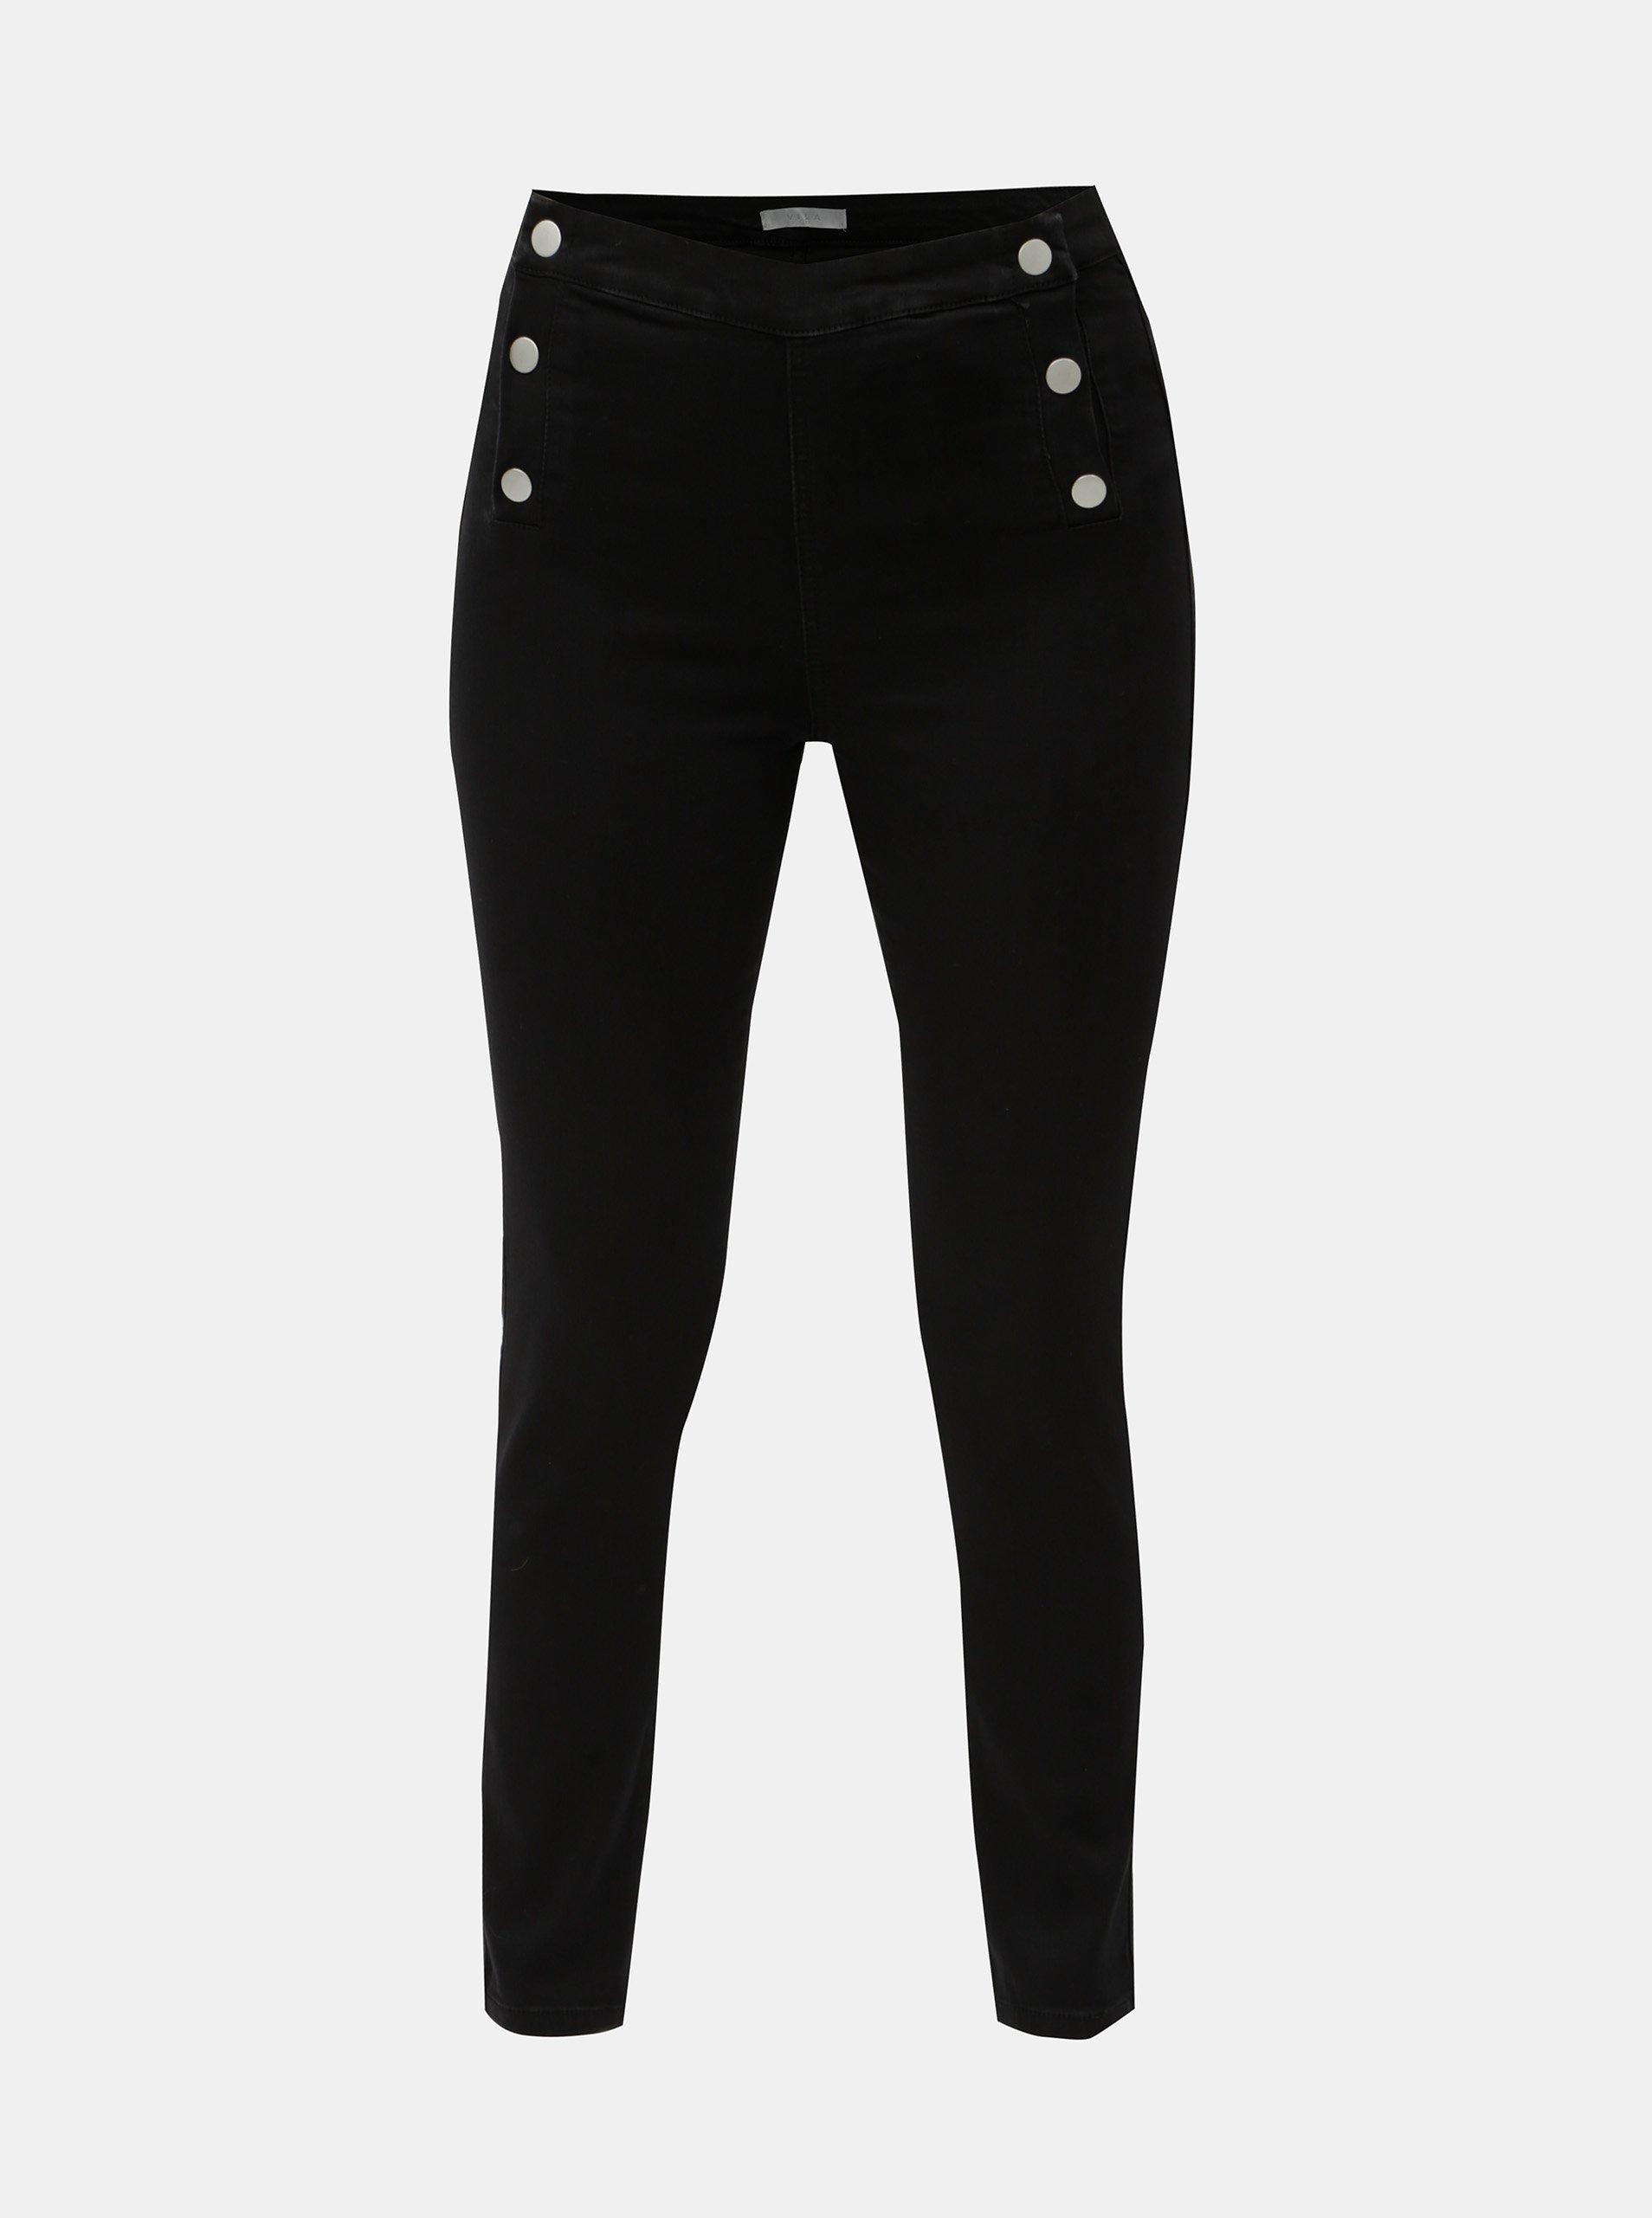 Černé slim fit džíny s patentkami VILA